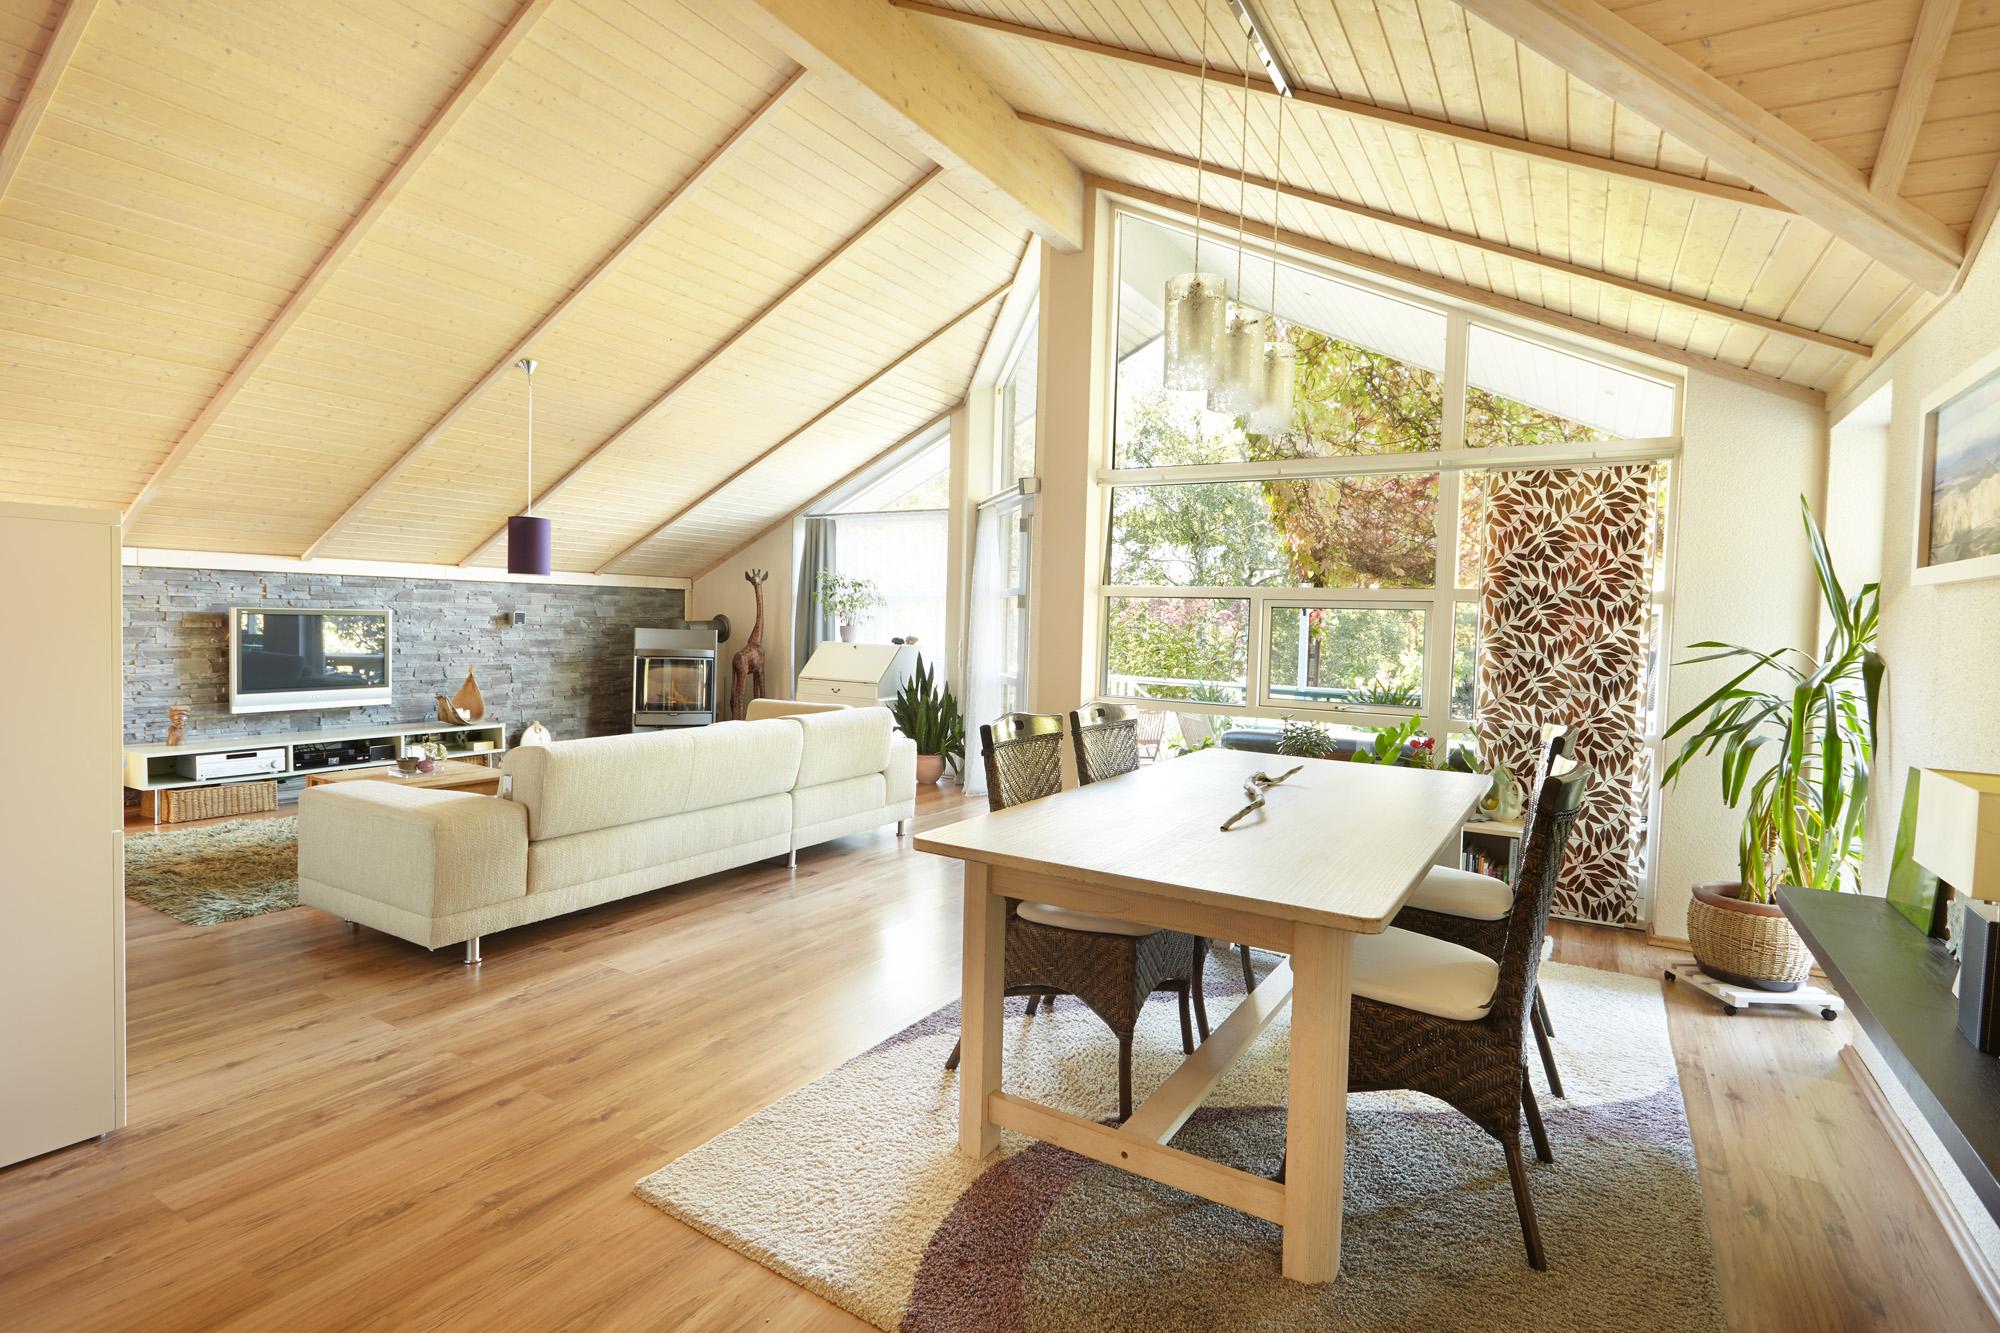 musholm 120 11. Black Bedroom Furniture Sets. Home Design Ideas